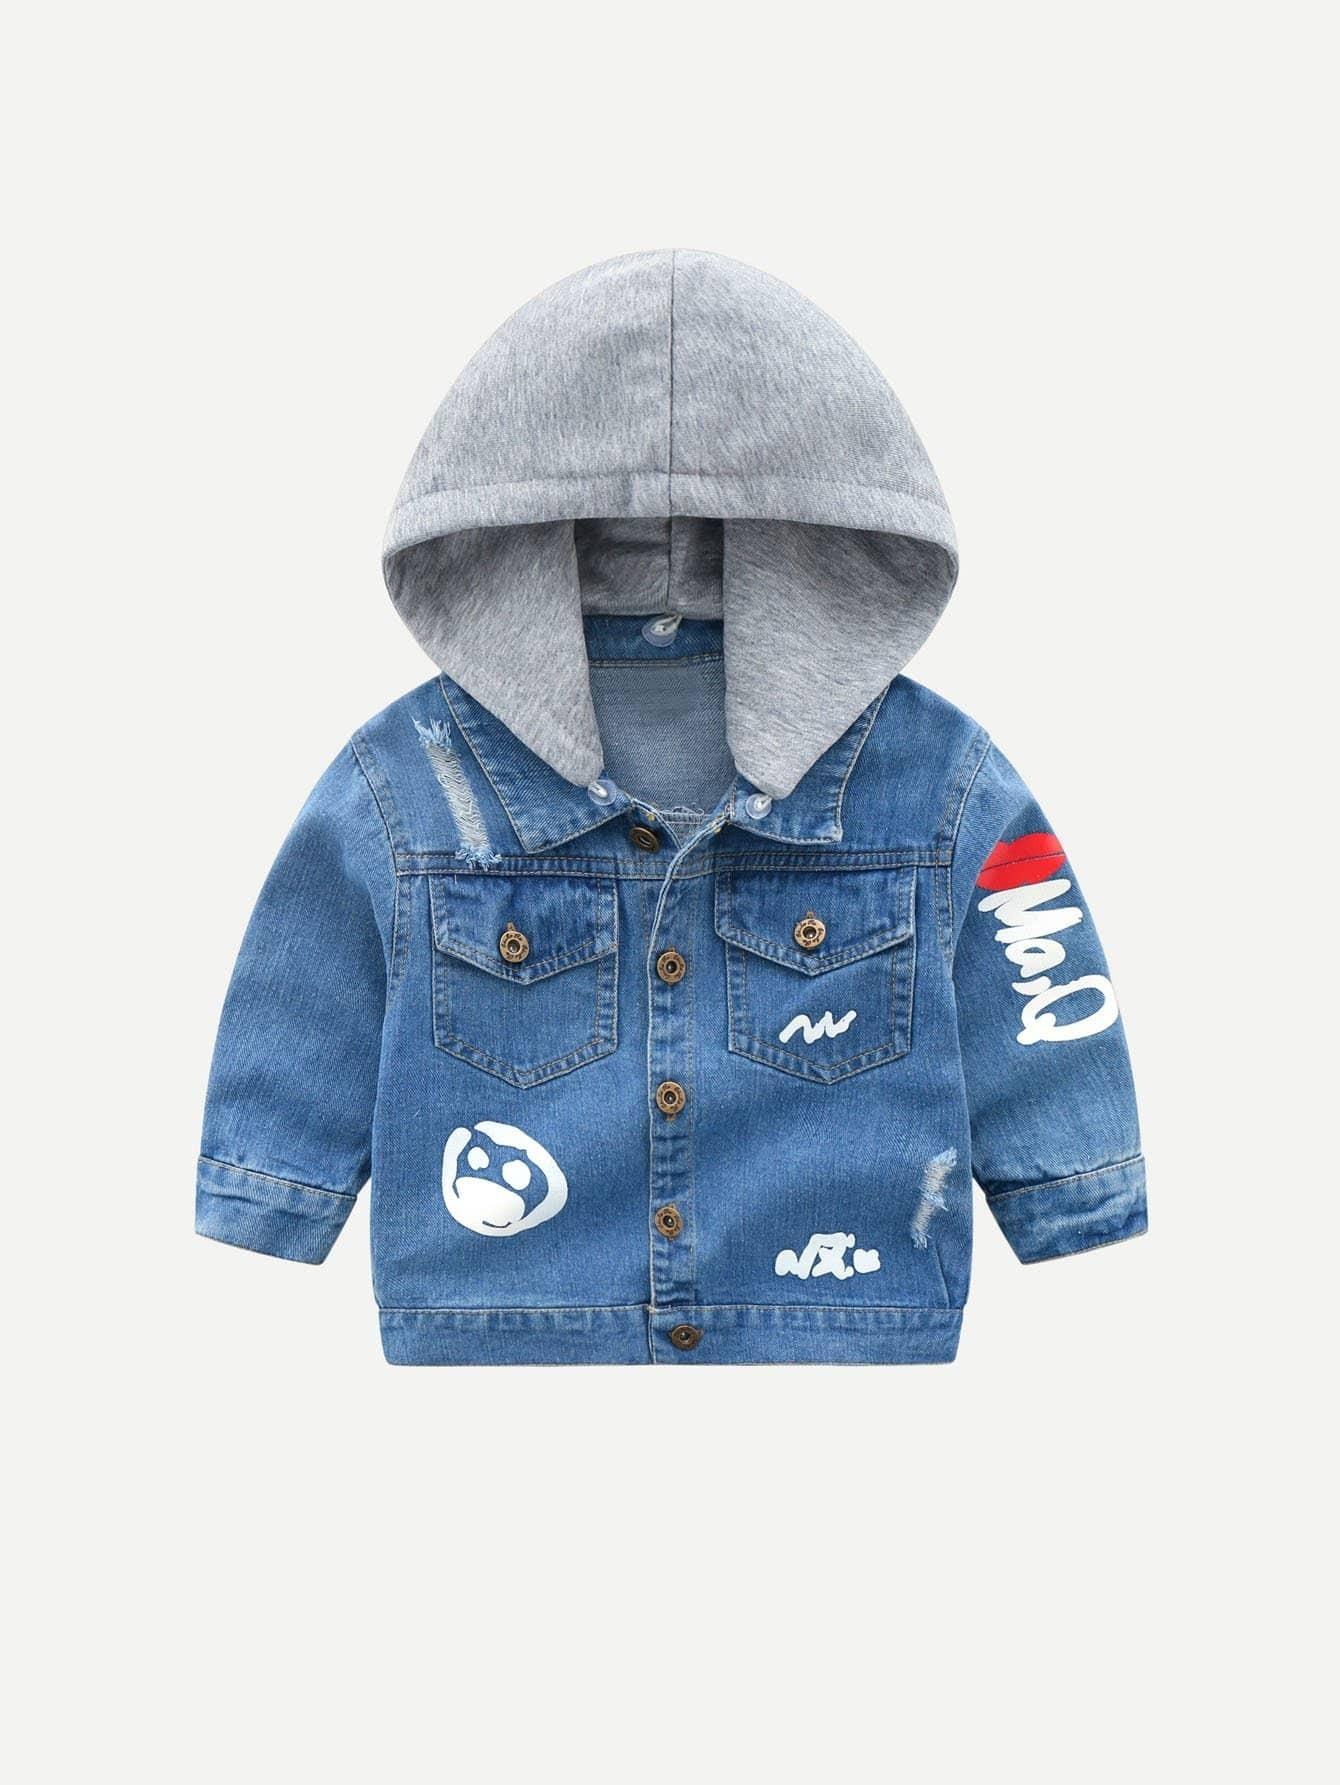 Мальчики Письмо Печать Уничтожена С Капюшоном Джинсовая Куртка